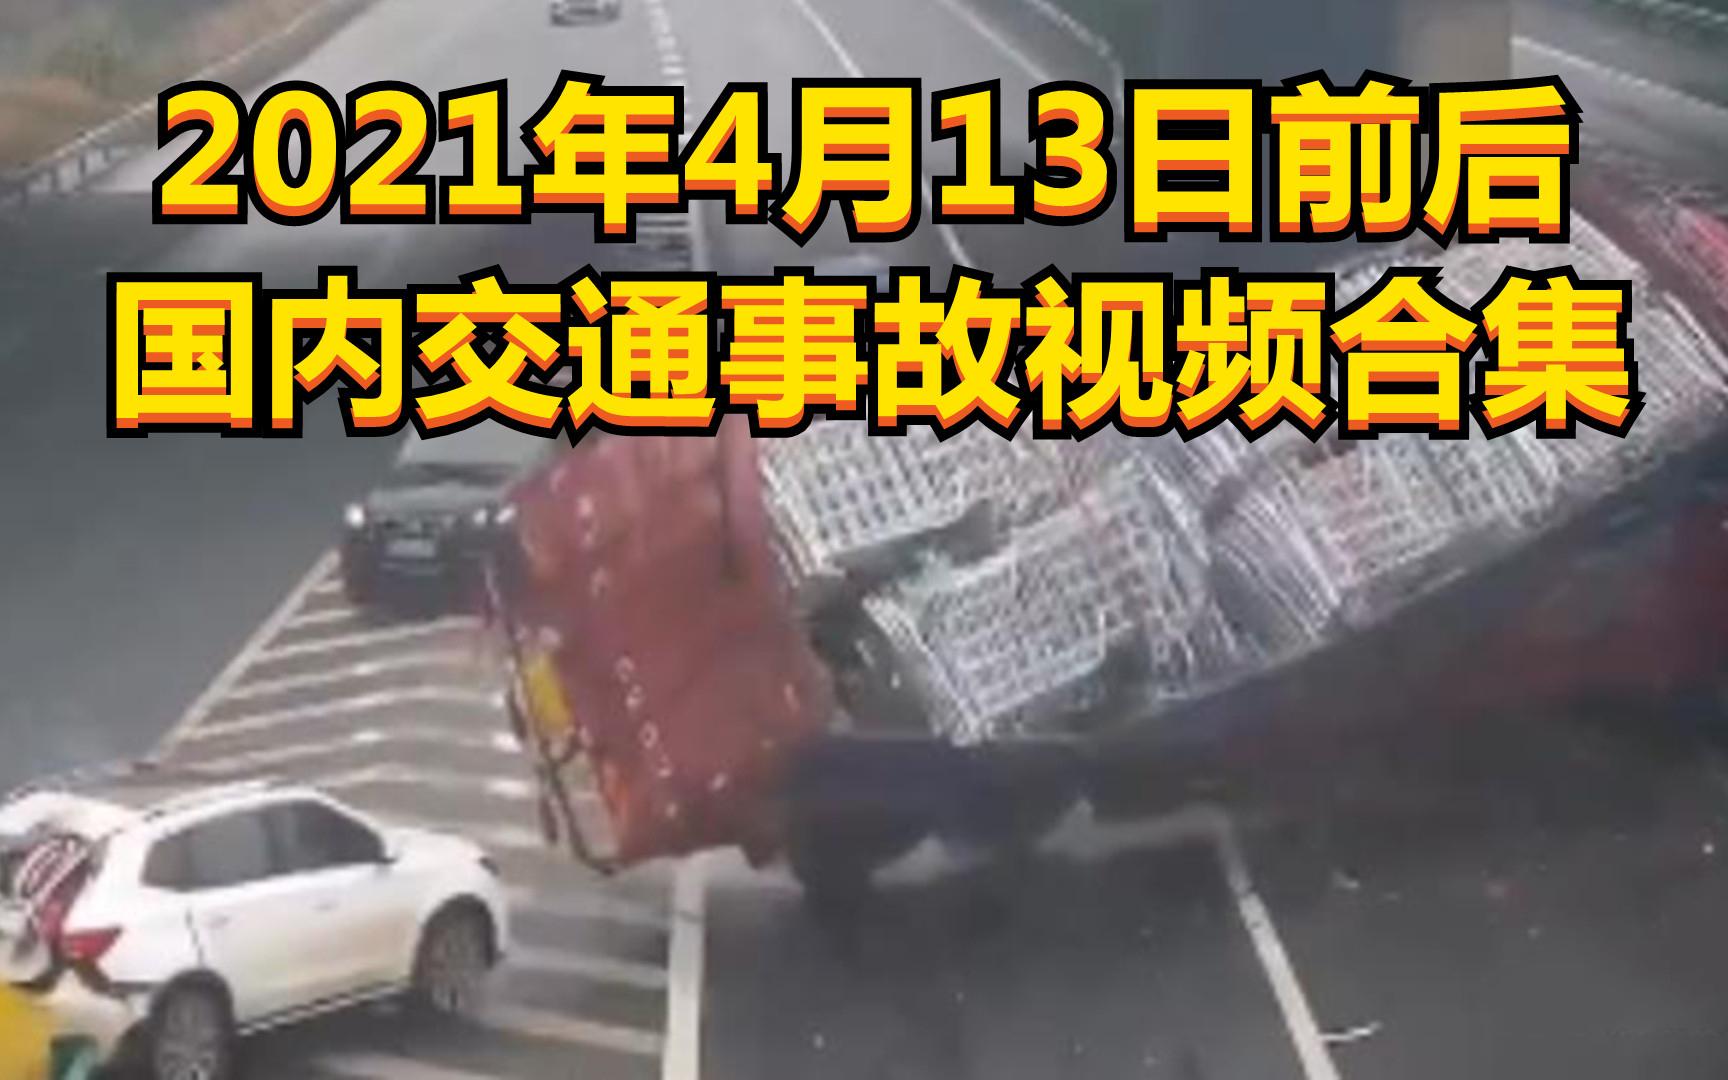 2021年4月13日前后国内交通事故视频合集